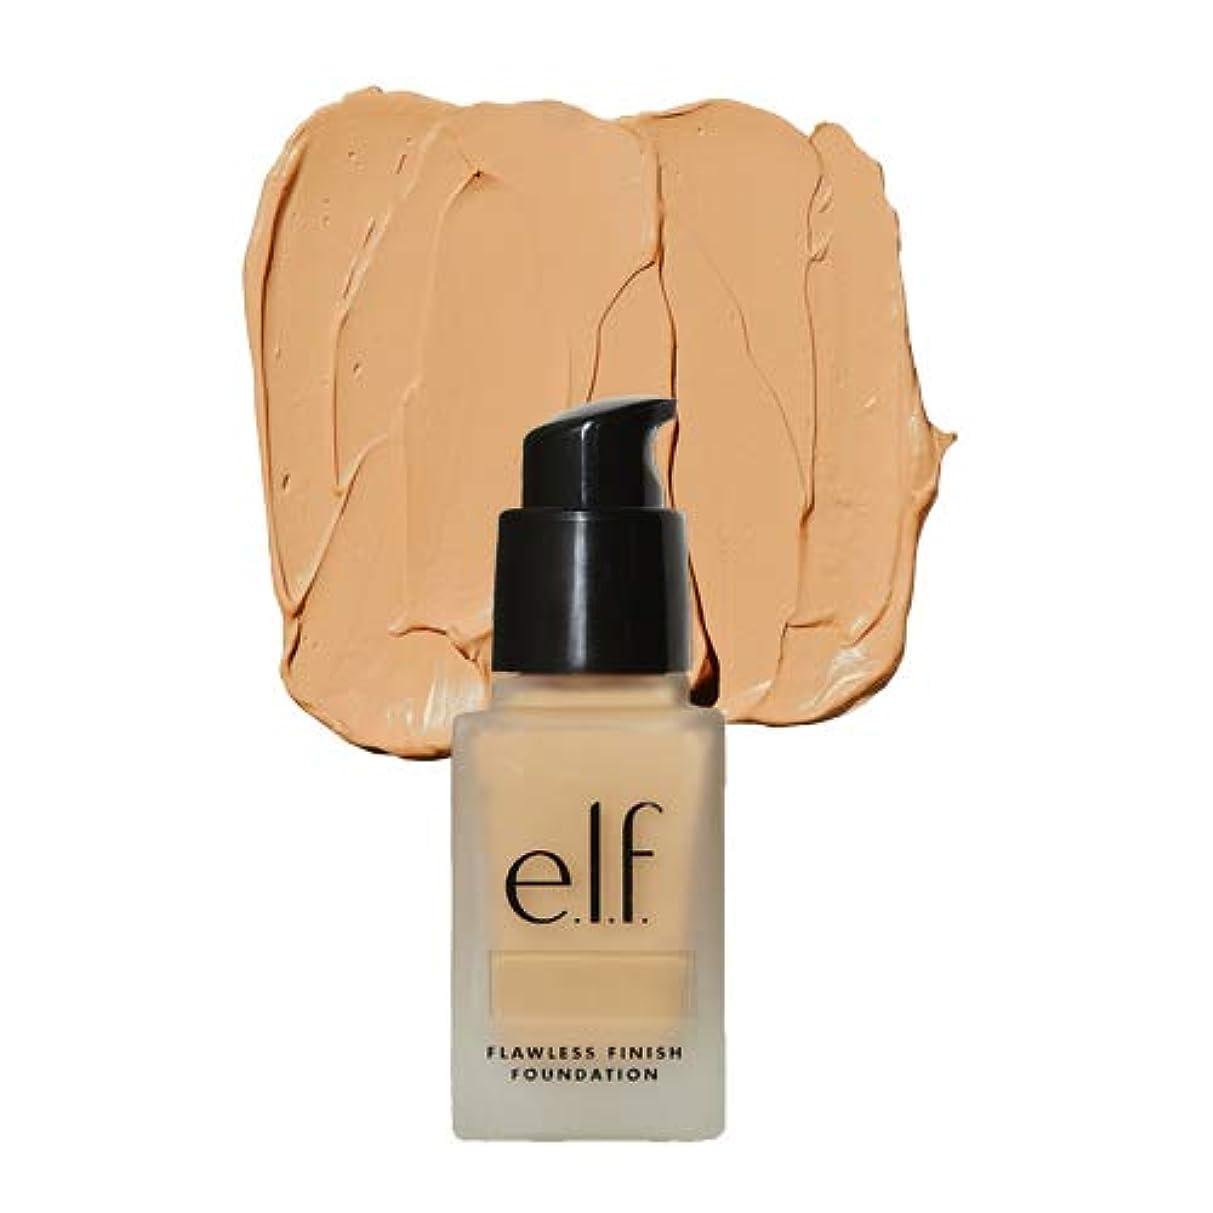 奇跡的なアクチュエータ委任する(6 Pack) e.l.f. Oil Free Flawless Finish Foundation - Buff (並行輸入品)